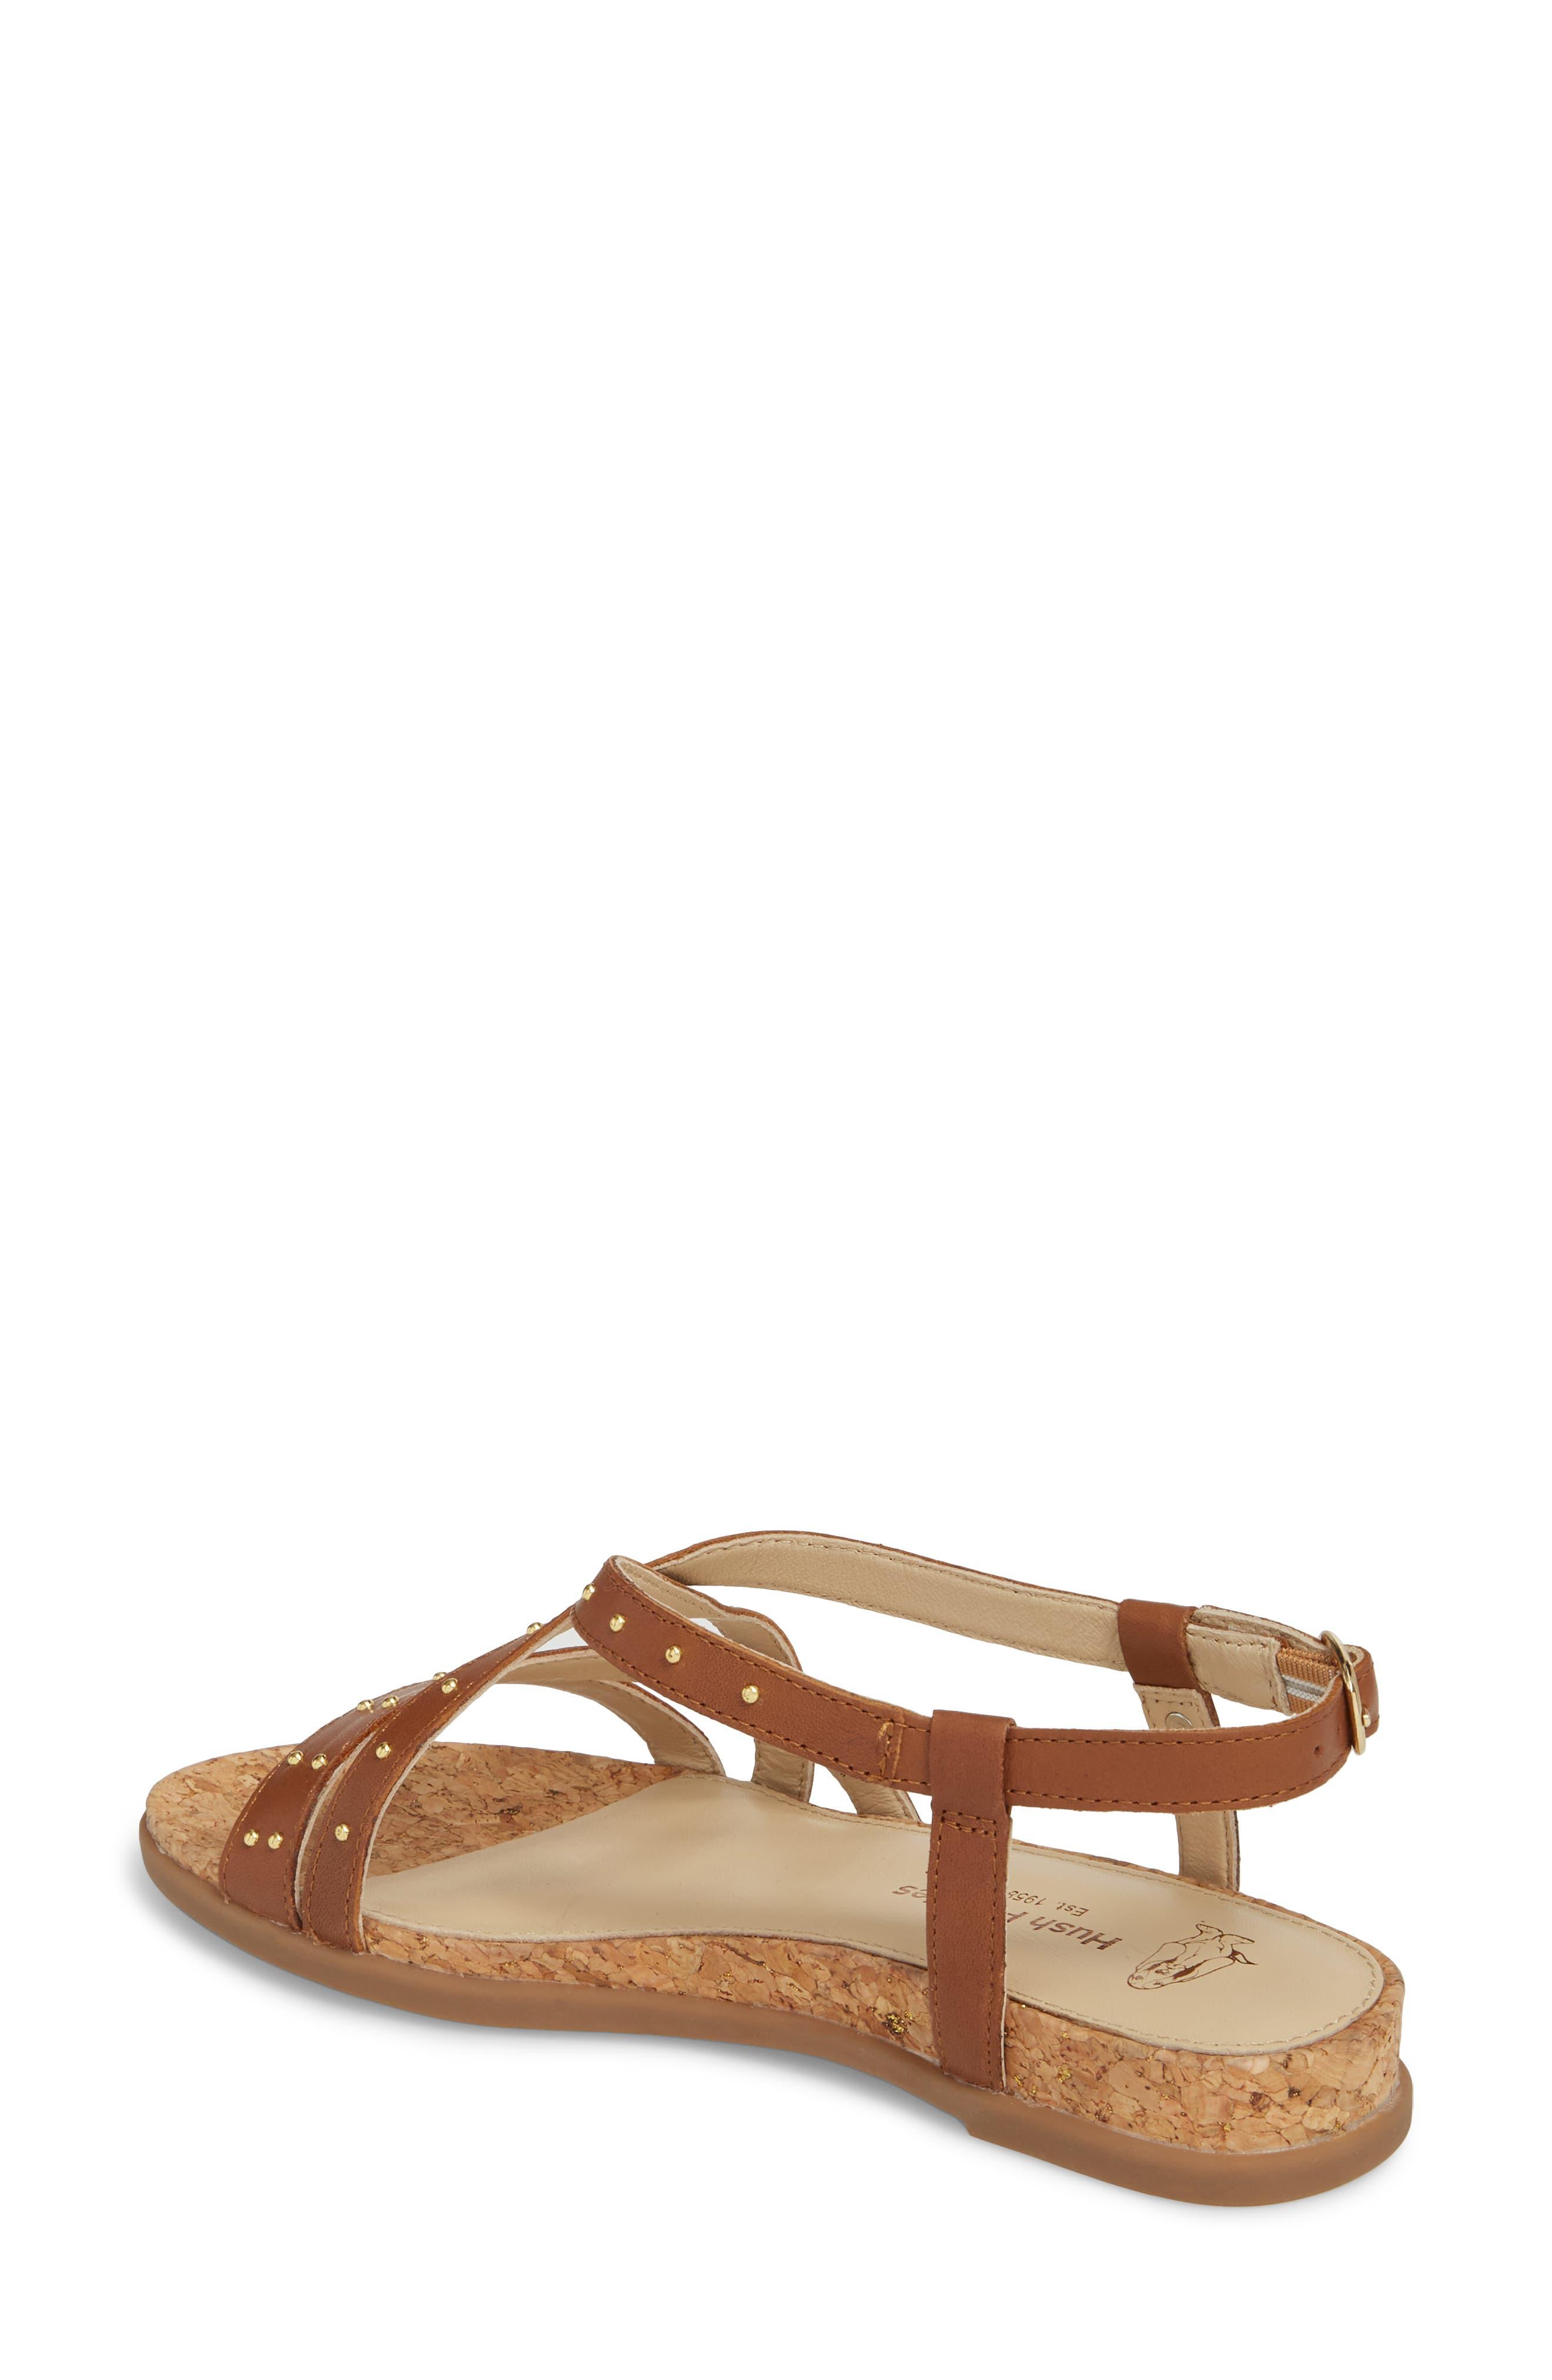 Dalmatian Studded Sandal,                             Alternate thumbnail 6, color,